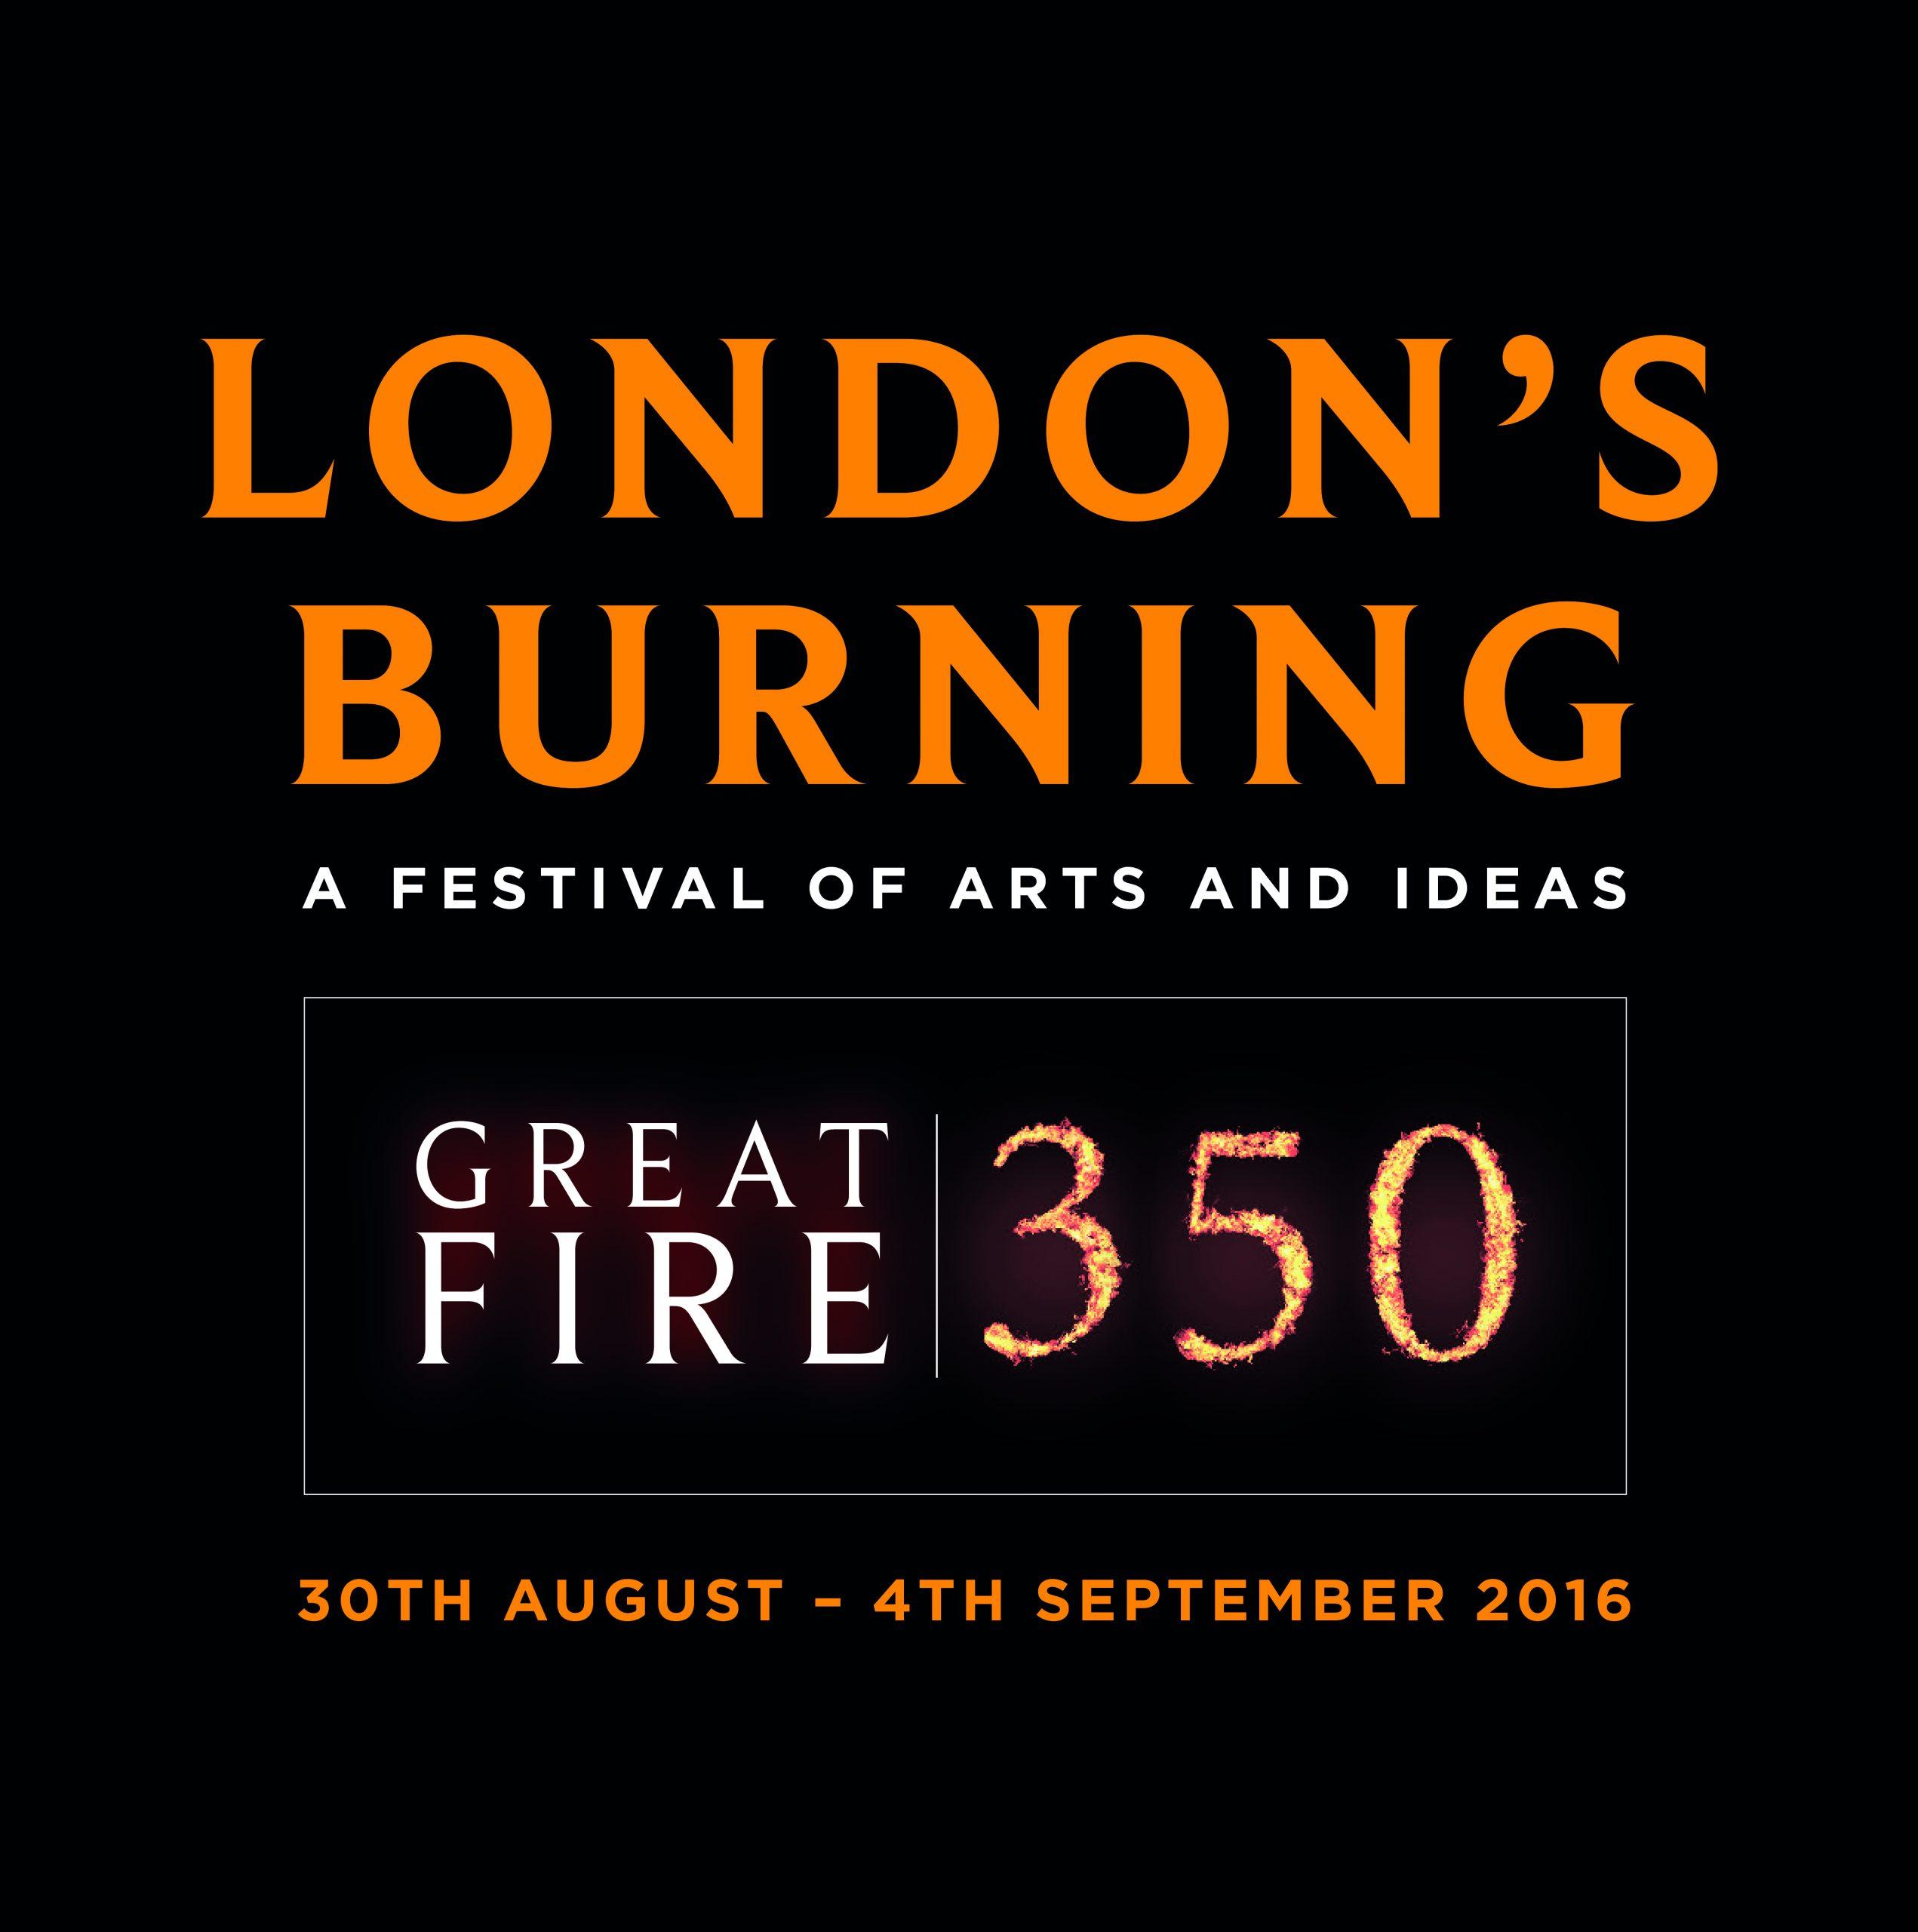 London's Burning logo